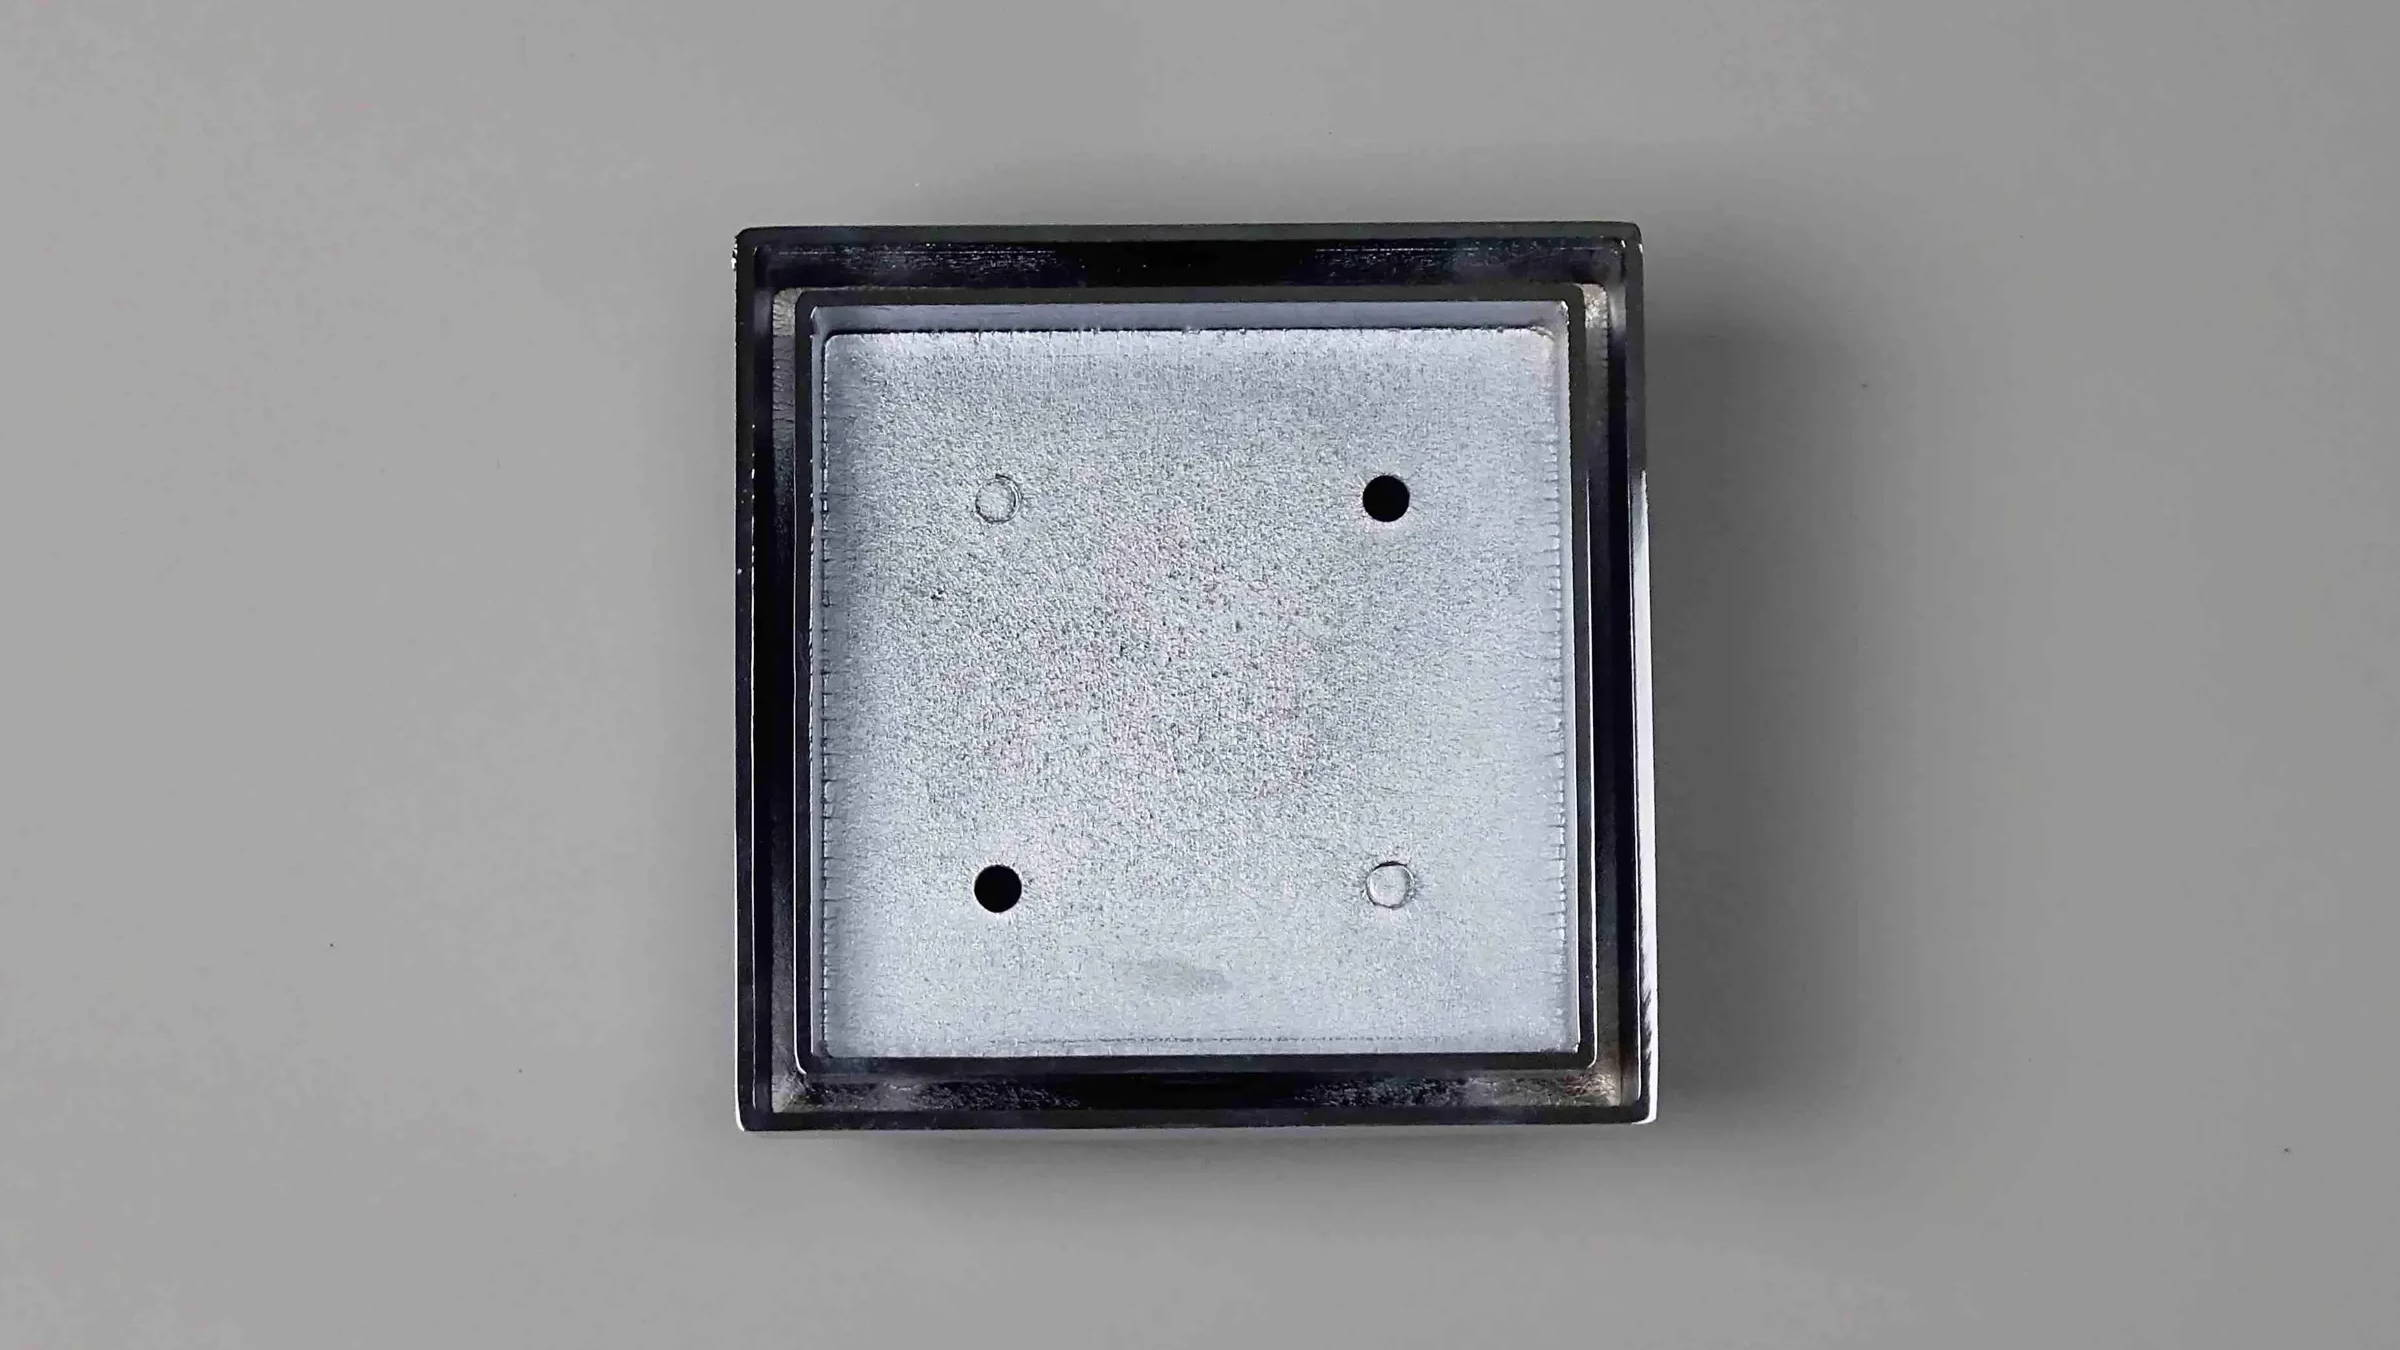 Square Tile-Insert Shower Drain Grate